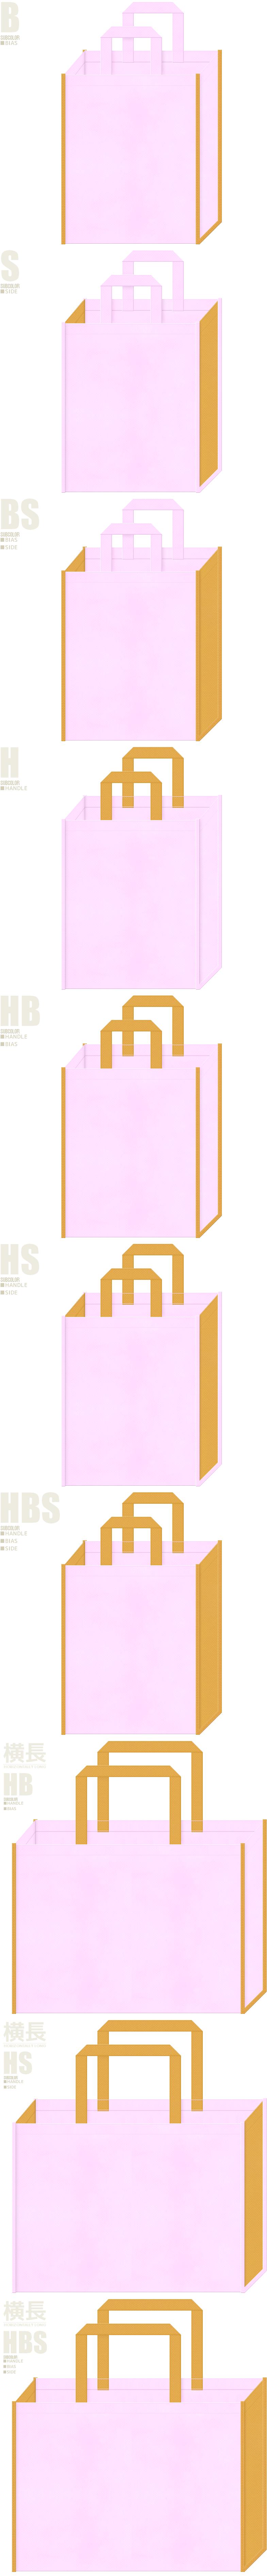 明るめのピンク色と黄土色、7パターンの不織布トートバッグ配色デザイン例。girlyな不織布バッグにお奨めです。